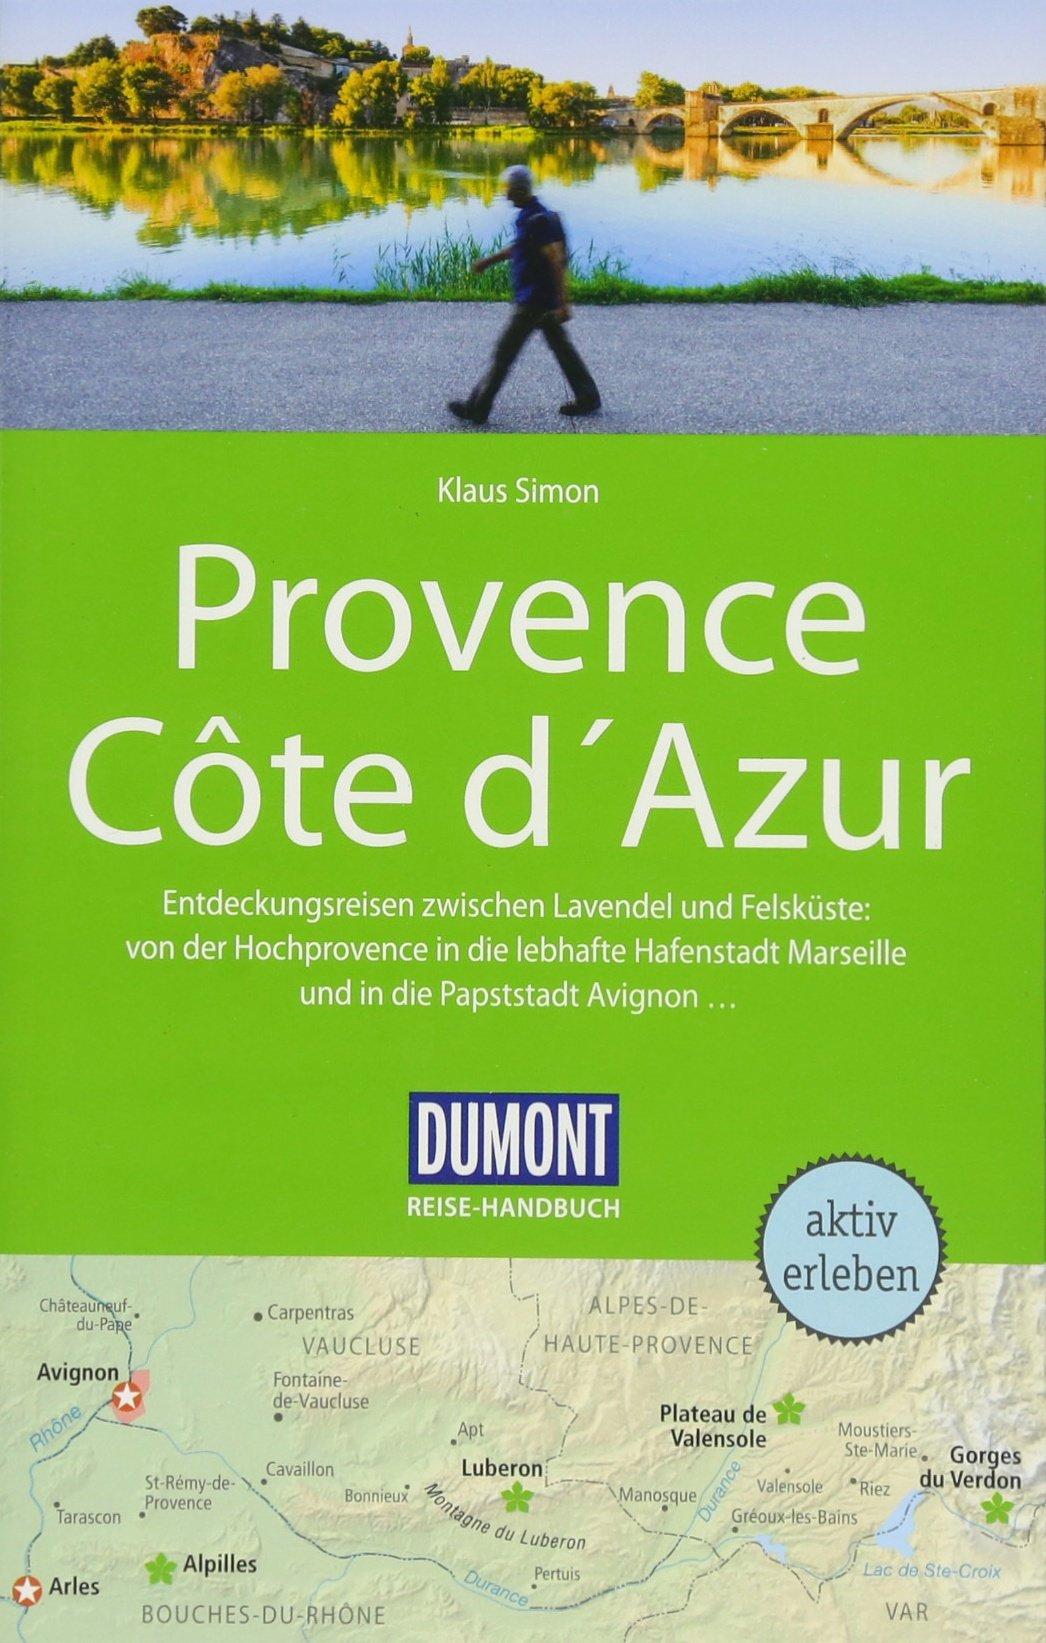 DuMont Reise-Handbuch Reiseführer Provence, Côte d'Azur: mit Extra-Reisekarte